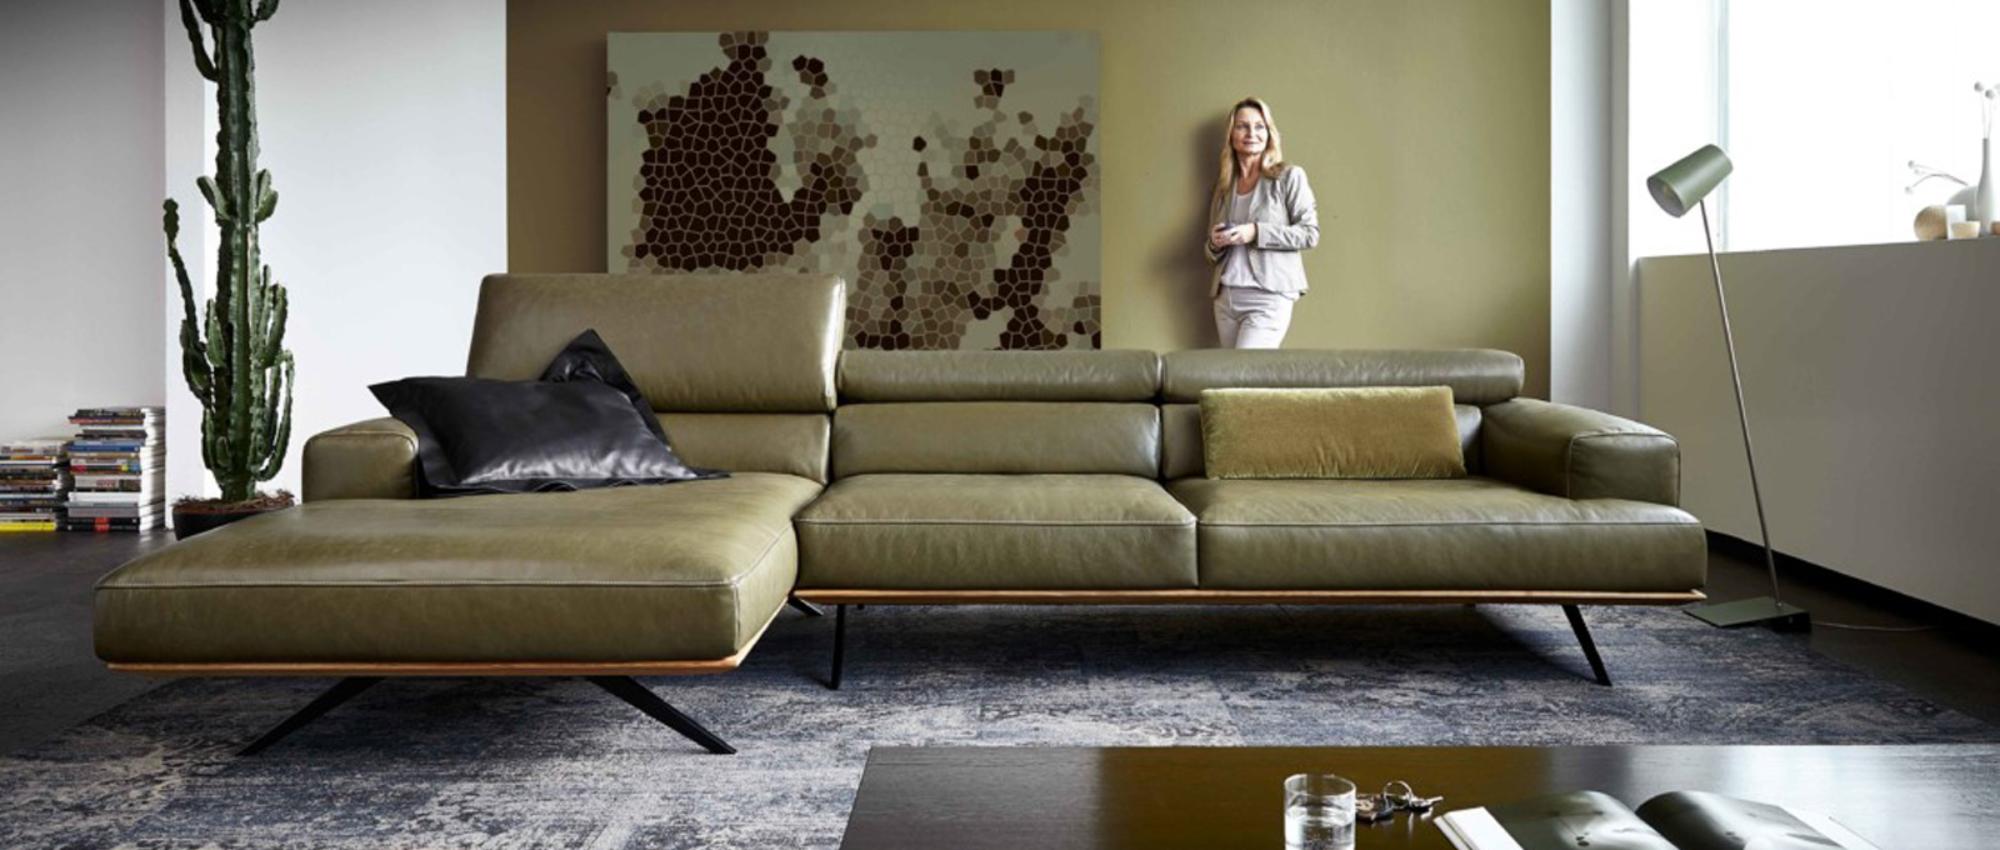 Modern Contemporary Furniture Store In Cherry Hill Nj And Philadelphia Unique Interiors